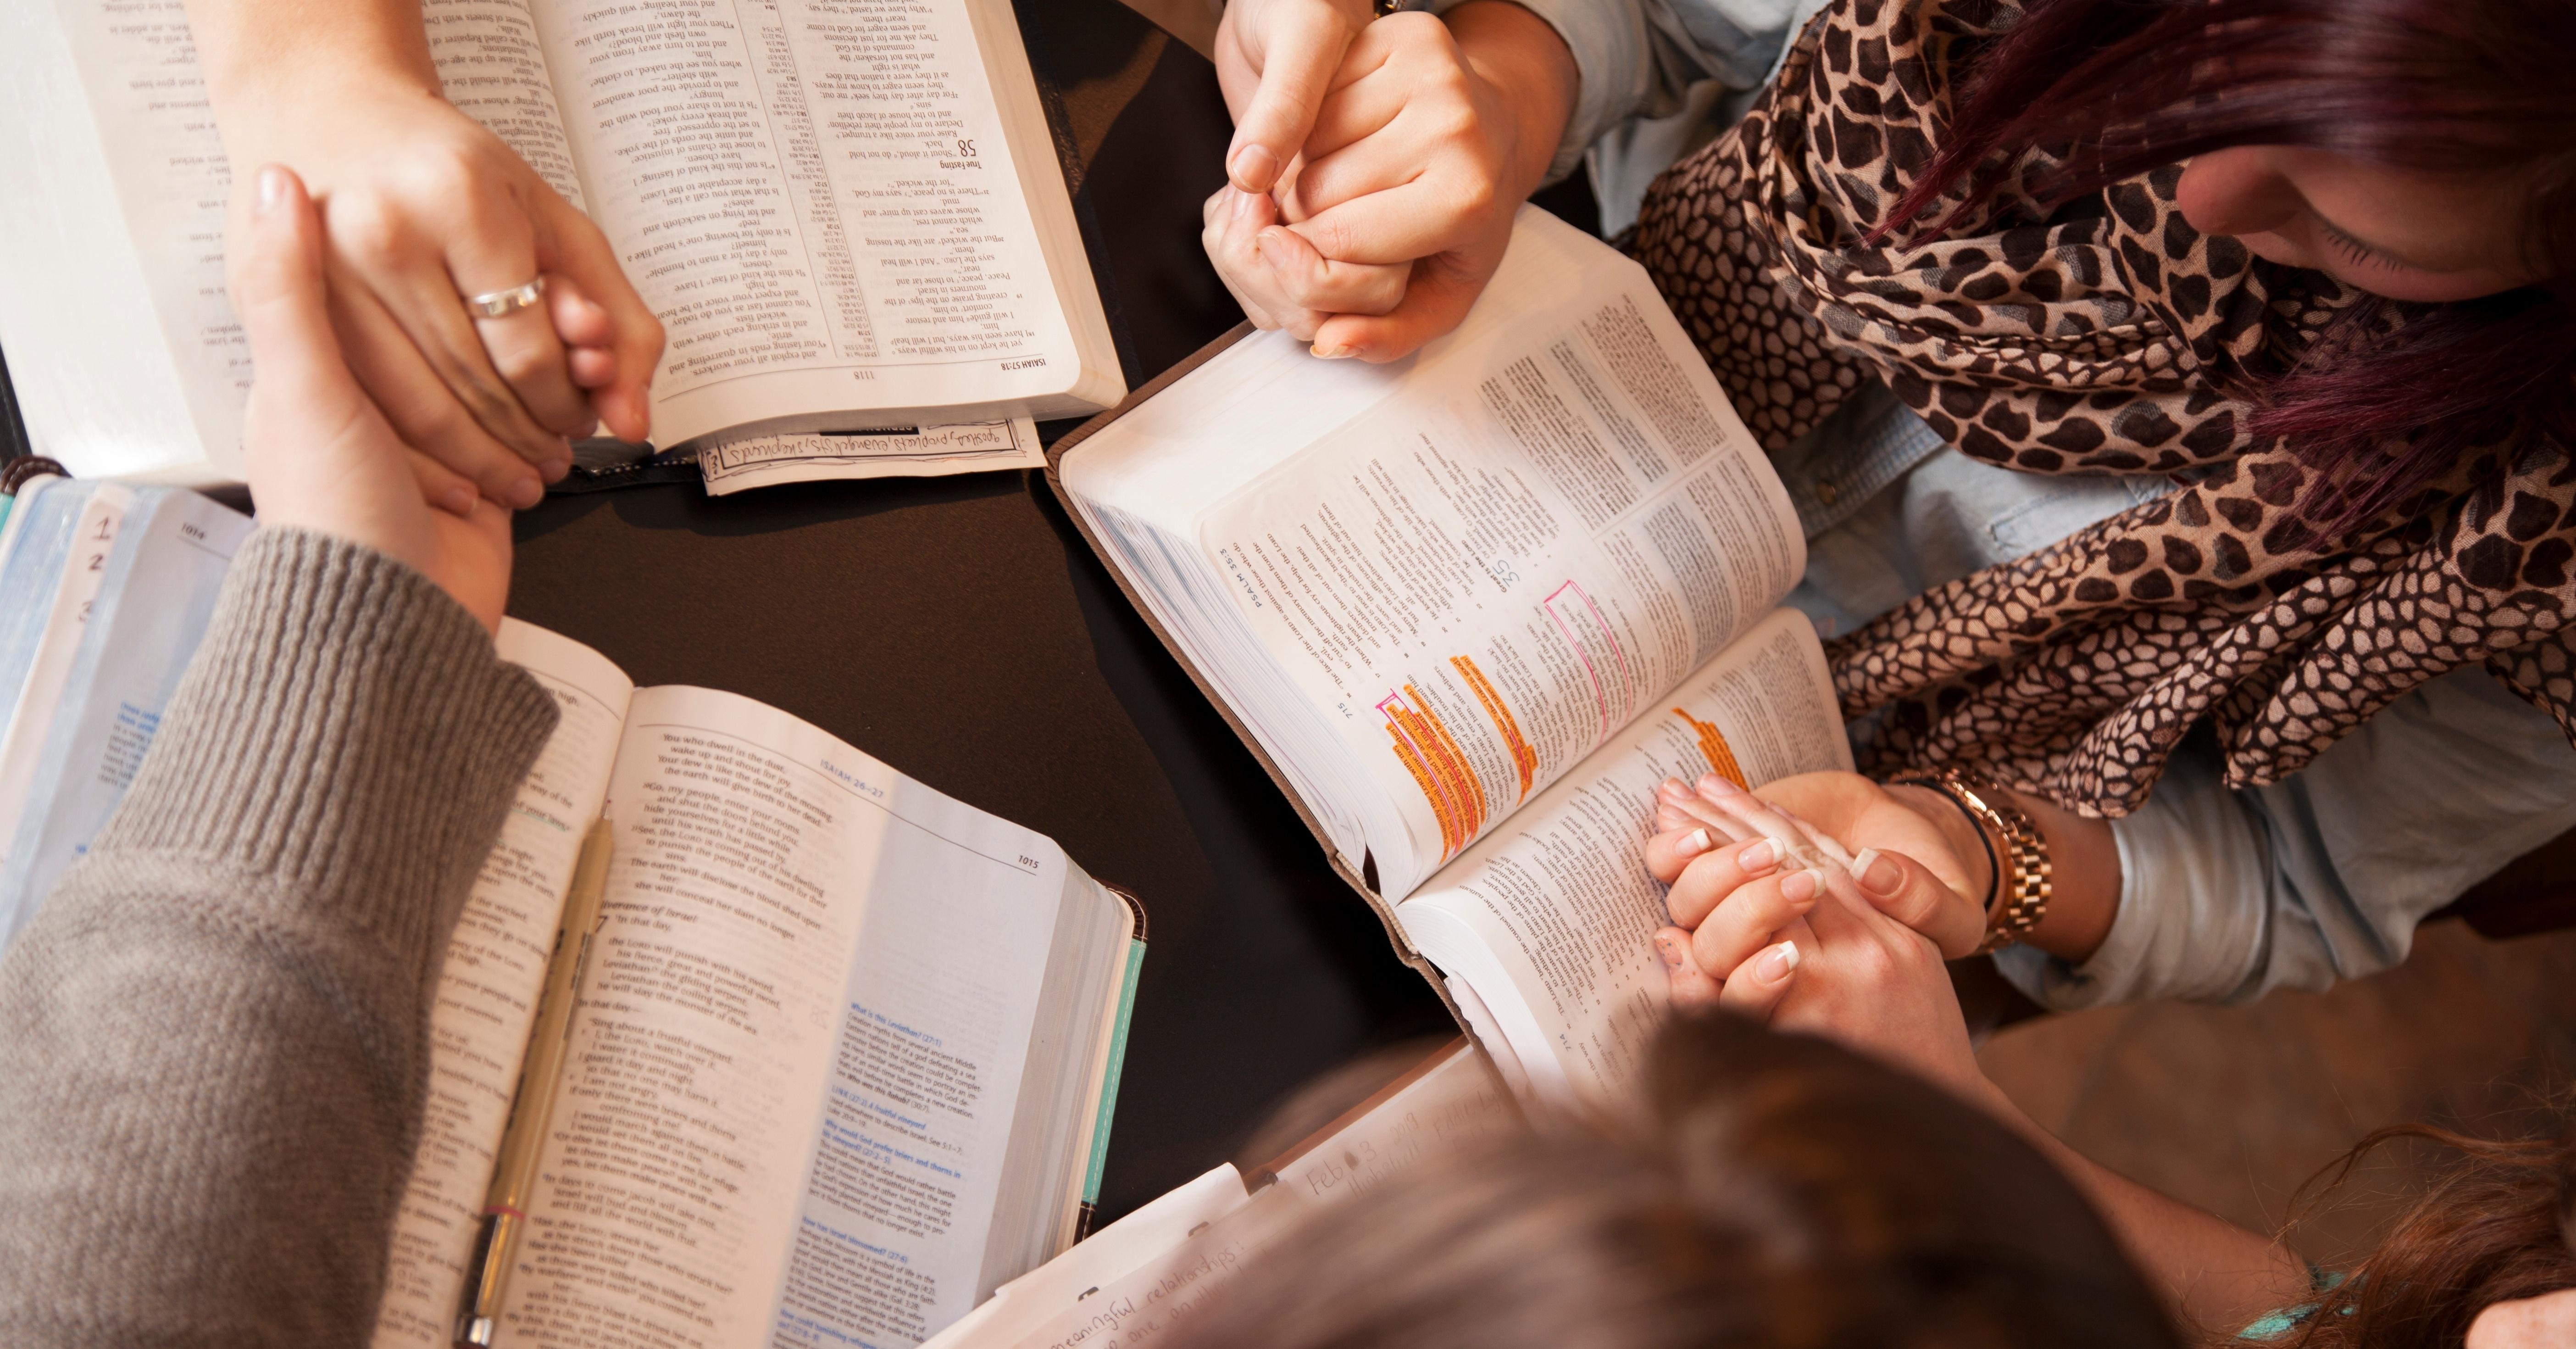 bible_study_group_praying_together